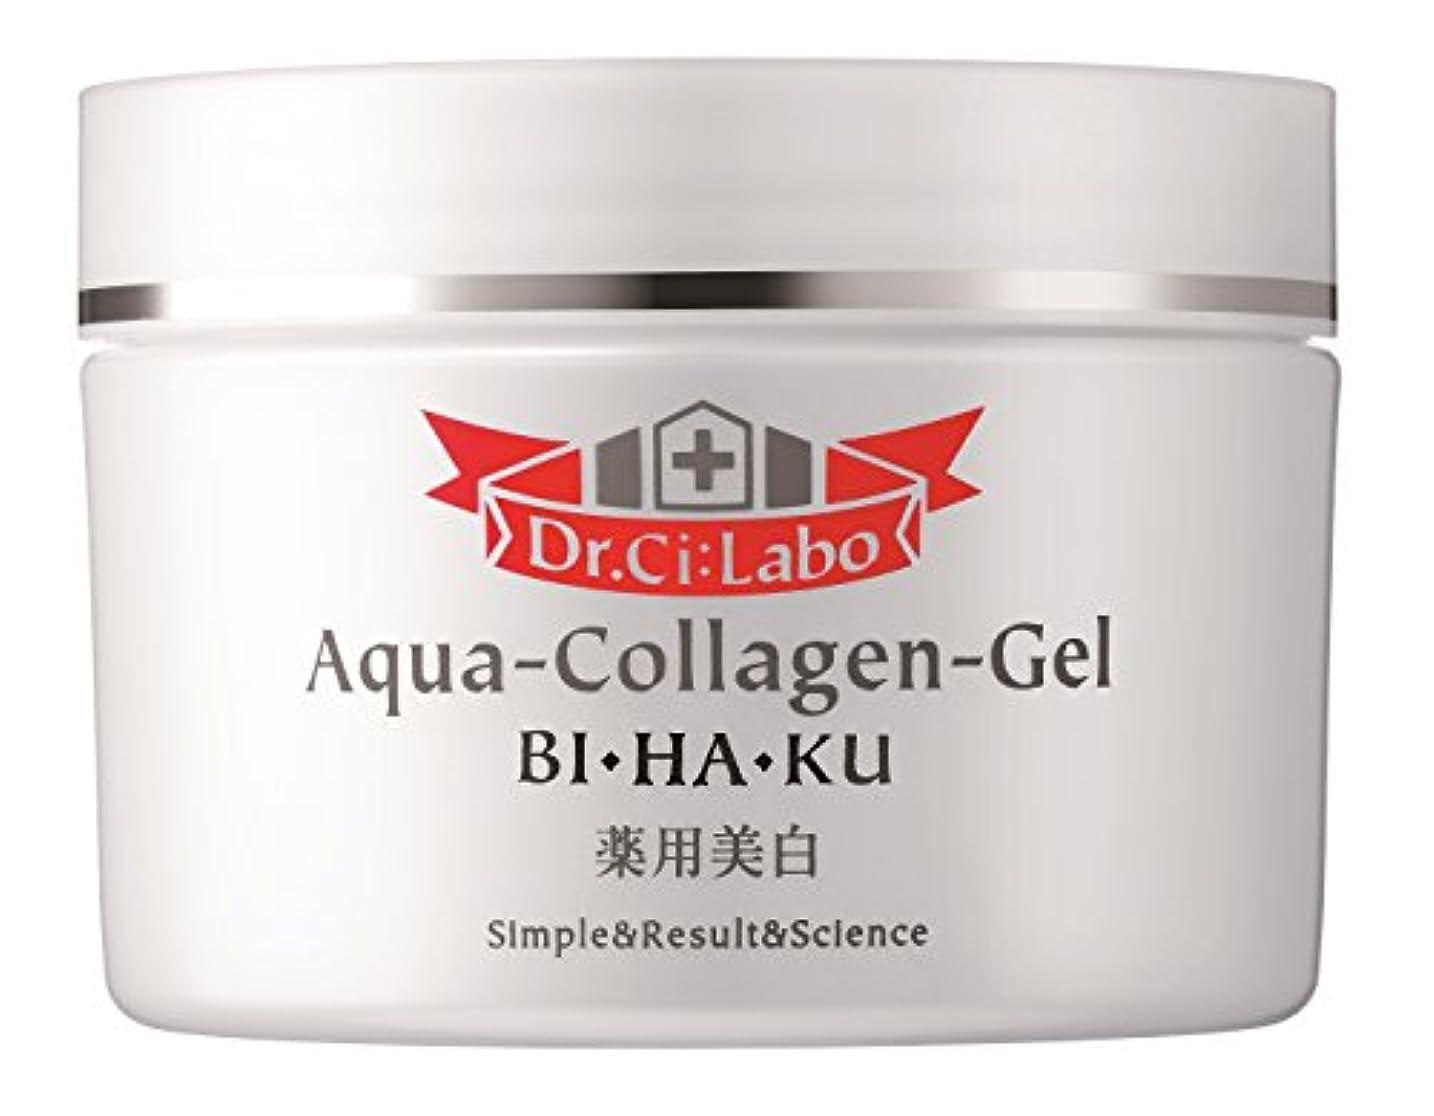 ドクターシーラボ 薬用アクアコラーゲンゲル美白 120g